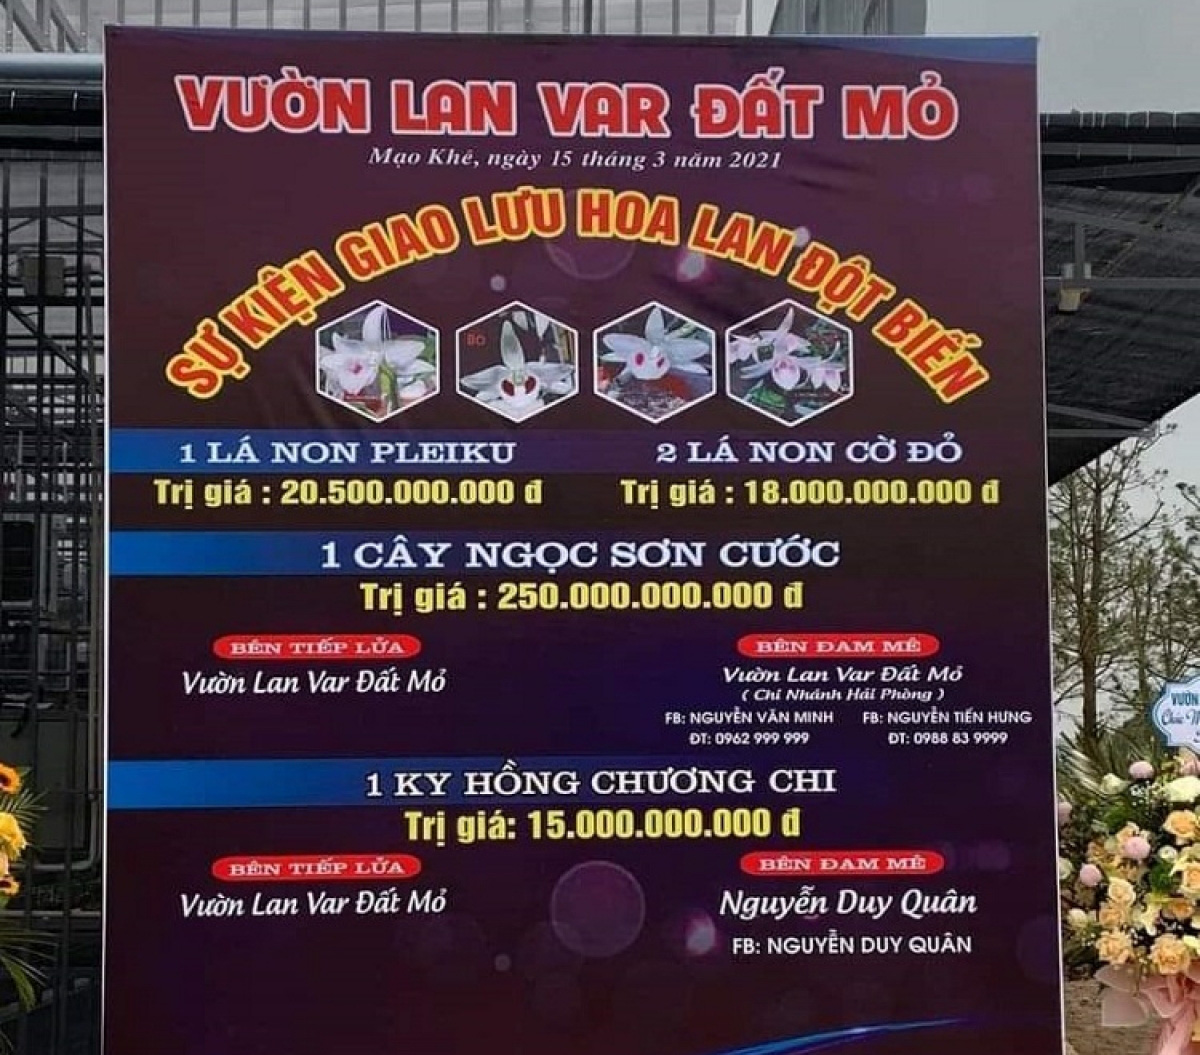 Phi điệp đột biến Ngọc Sơn Cước bán 250 tỷ: Mua bán lan đột biến cả nghìn tỷ cũng không thu được đồng thuế nào - Ảnh 1.